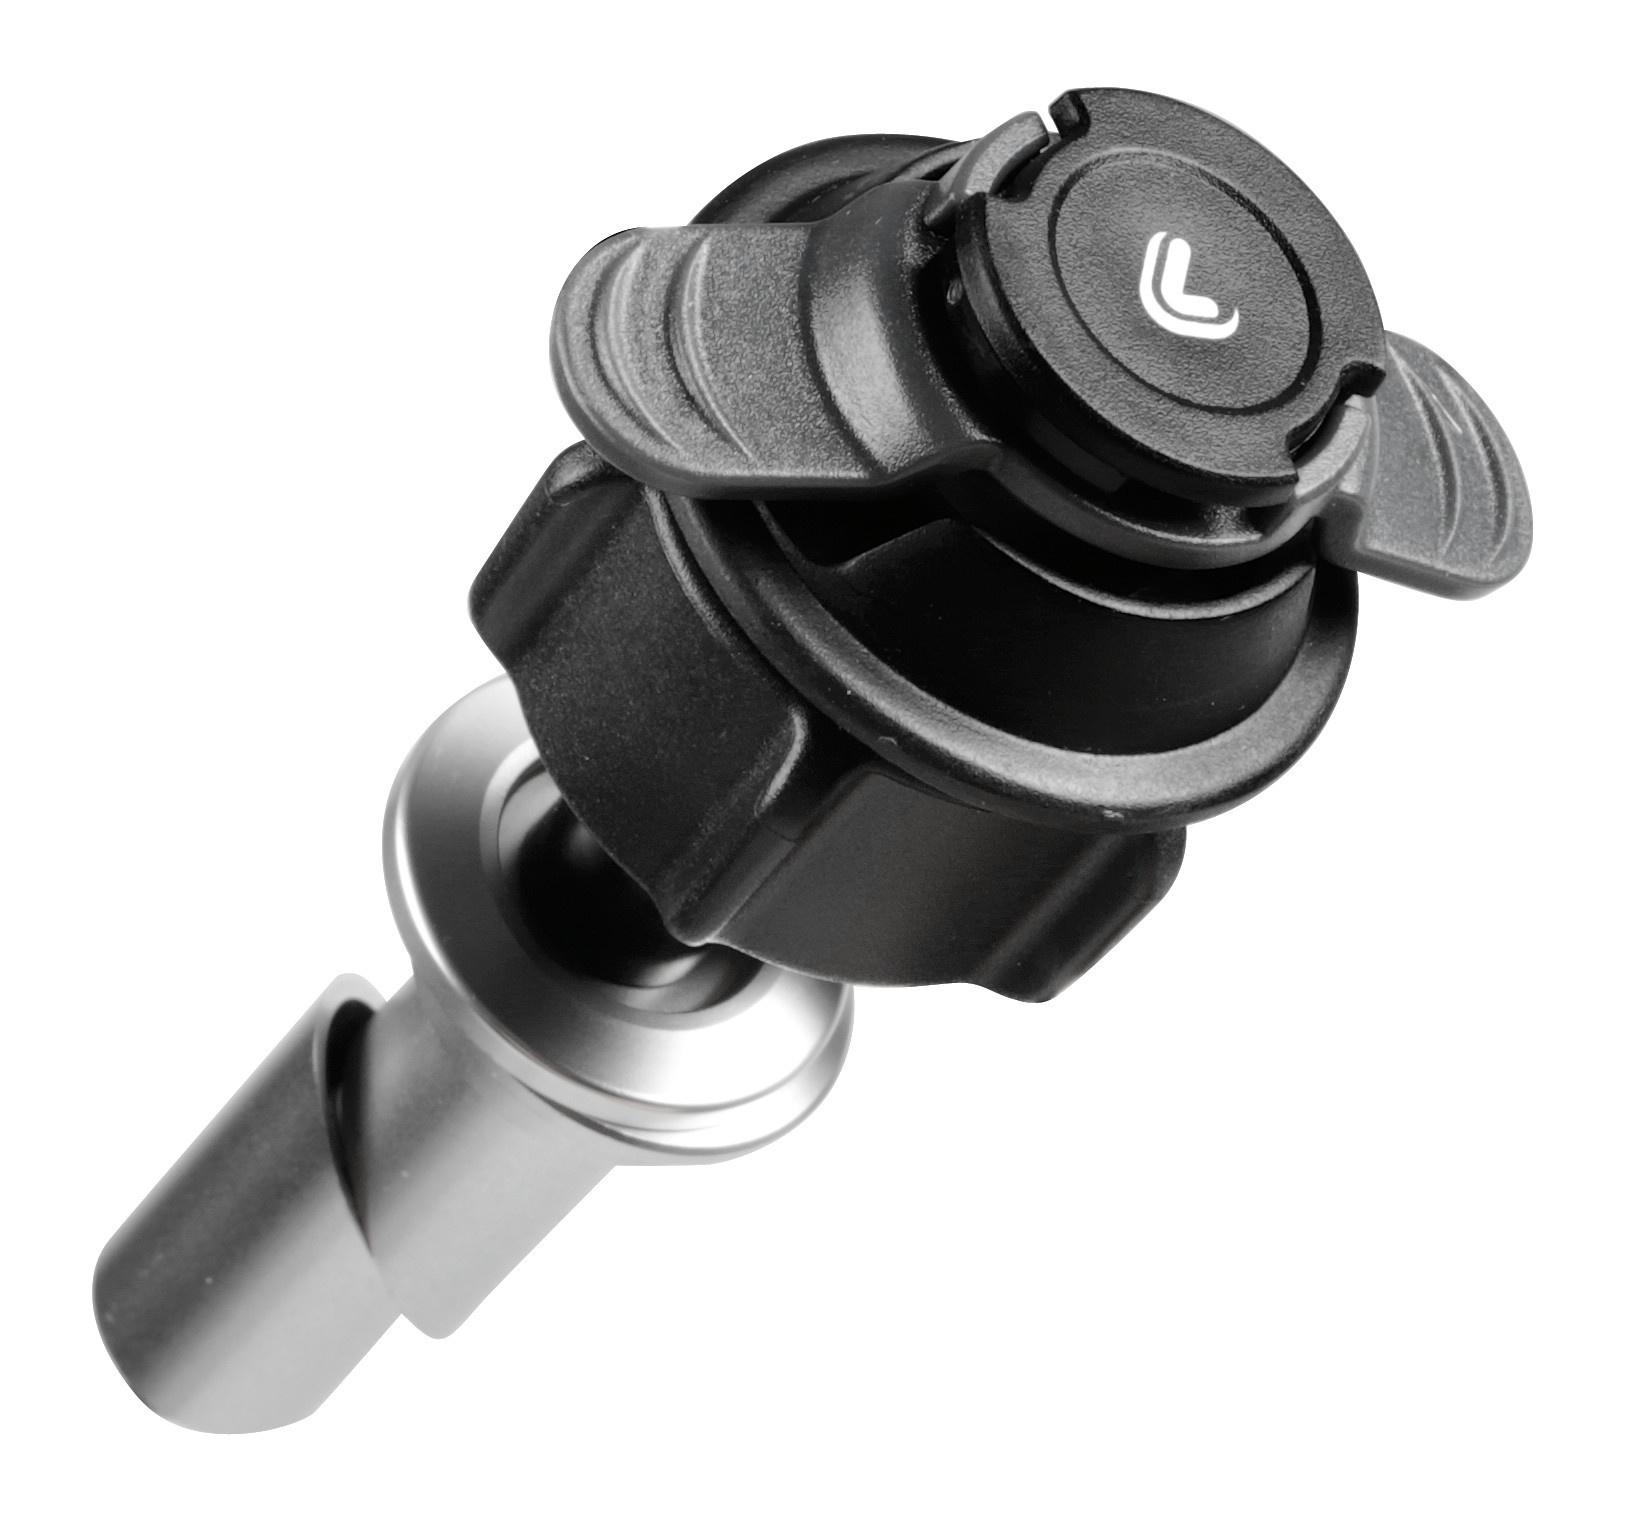 Lampa Opti-Tube DUO LOCK balhoofdbevestiging motor 10-13.3 mm